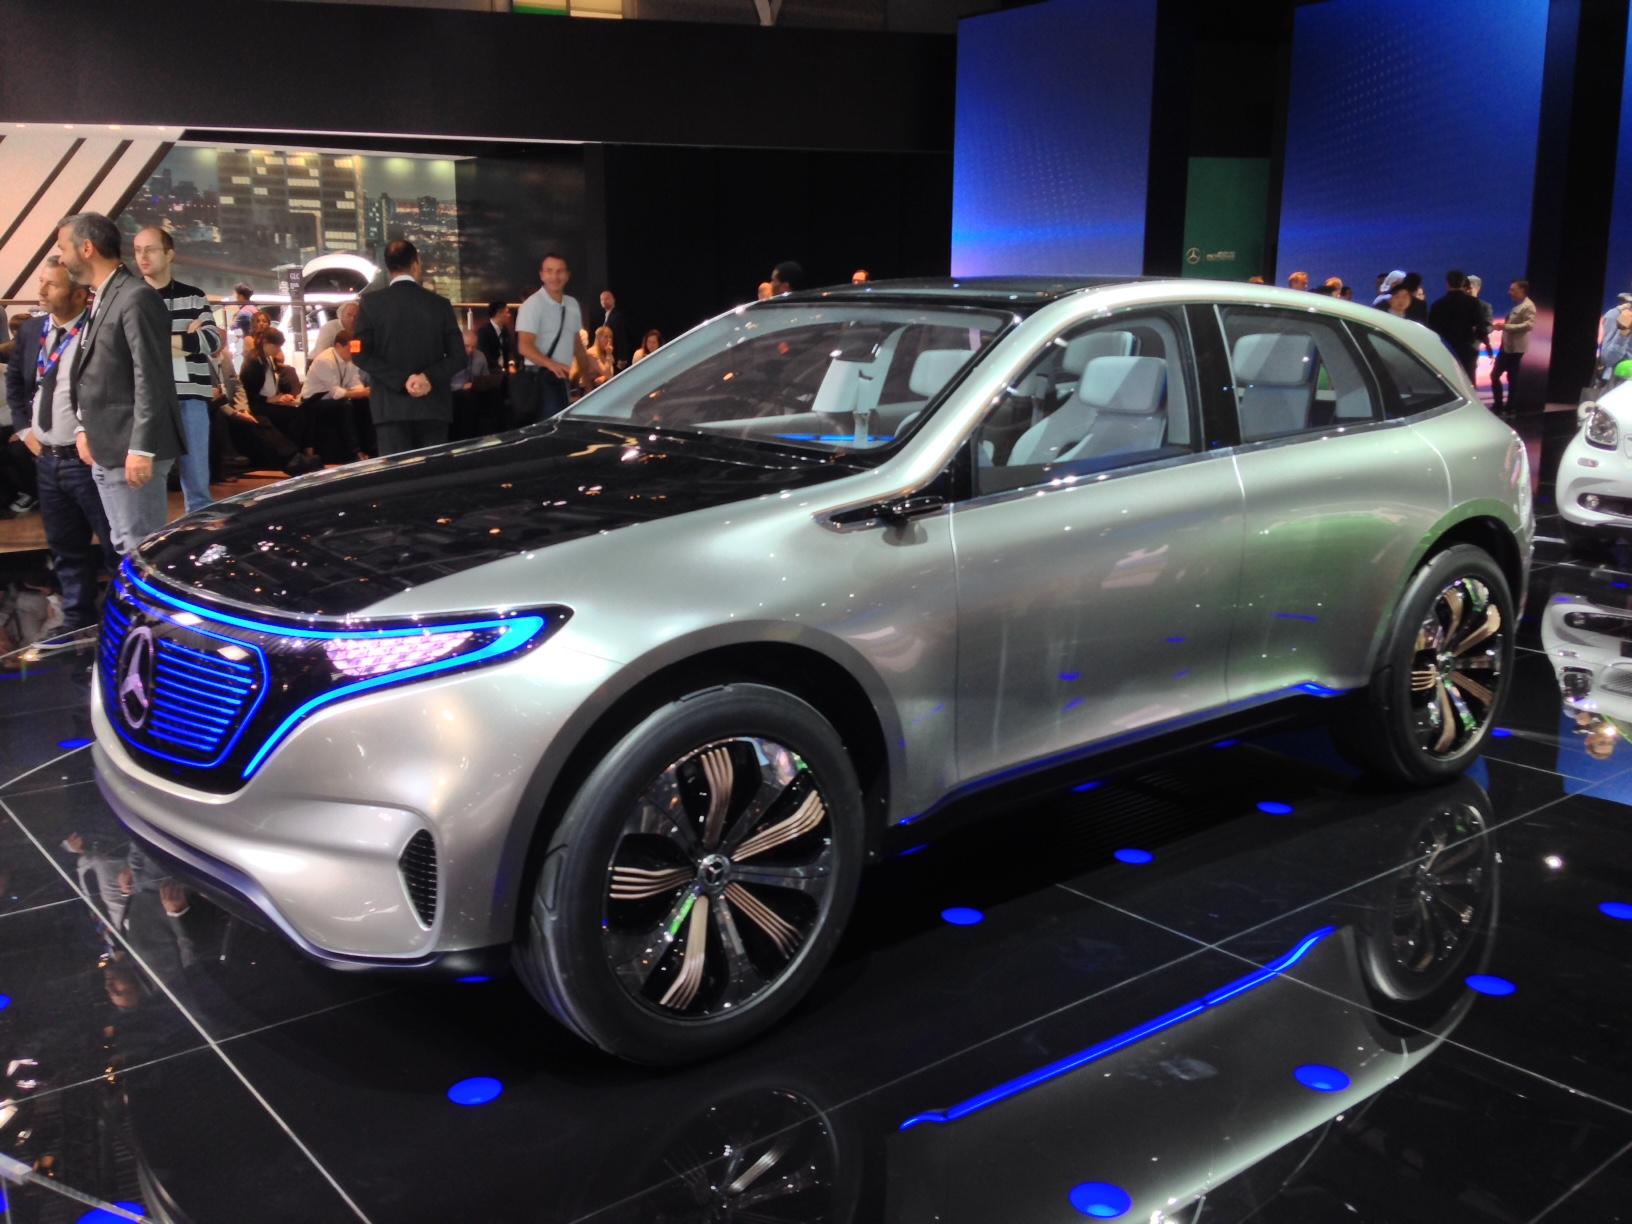 Audi Suv Models >> Mercedes-Benz EQ concept previews new all electric models | Evo